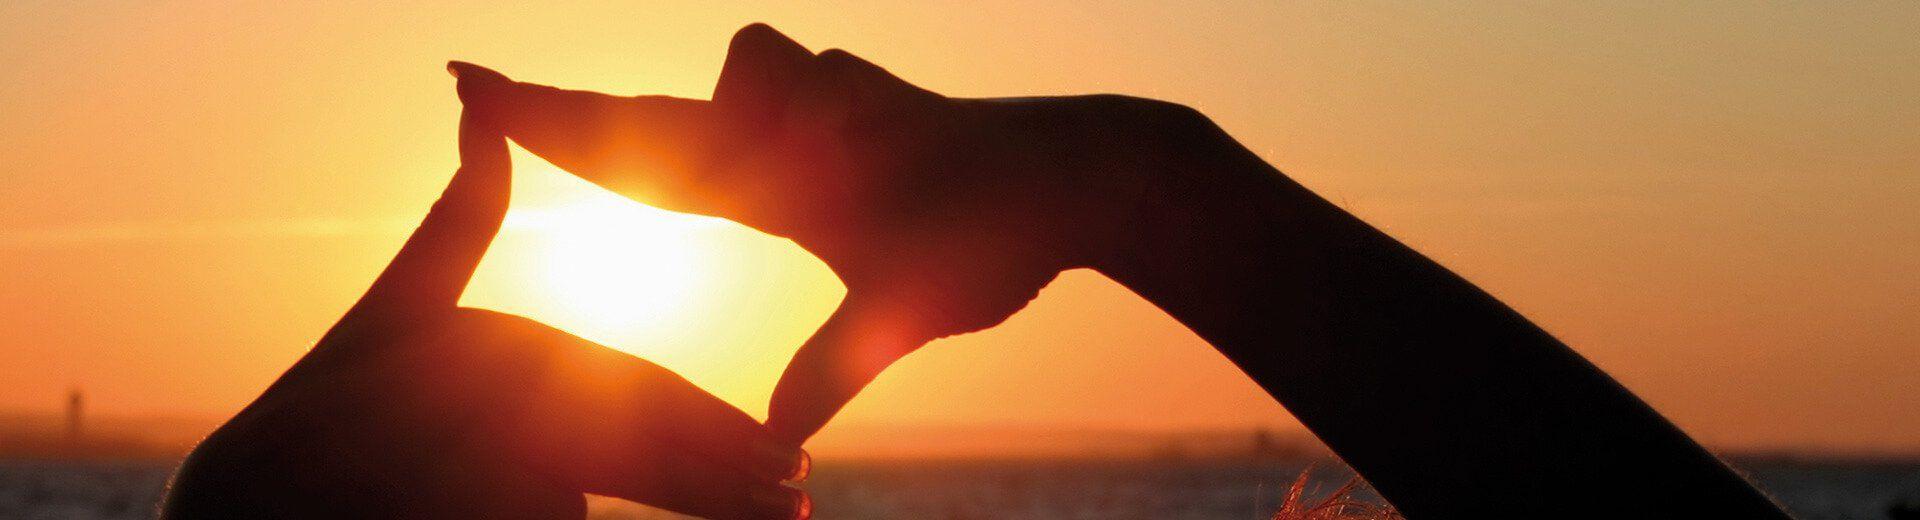 Full HD hero image sunset hands framing sun